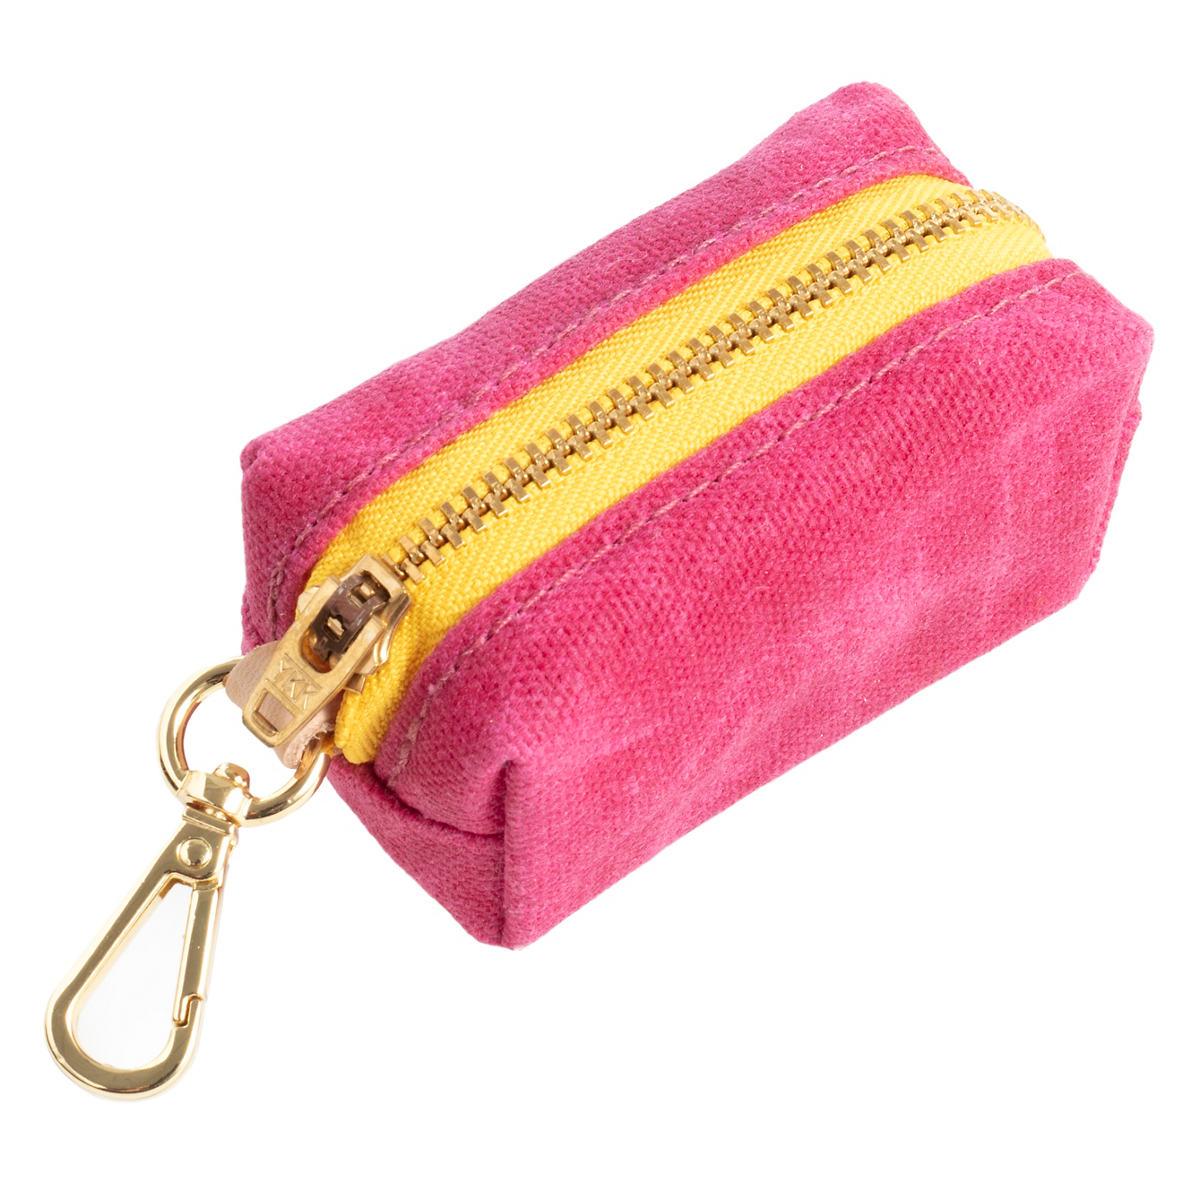 The Foggy Dog Hot Pink Waste Bag Dispenser